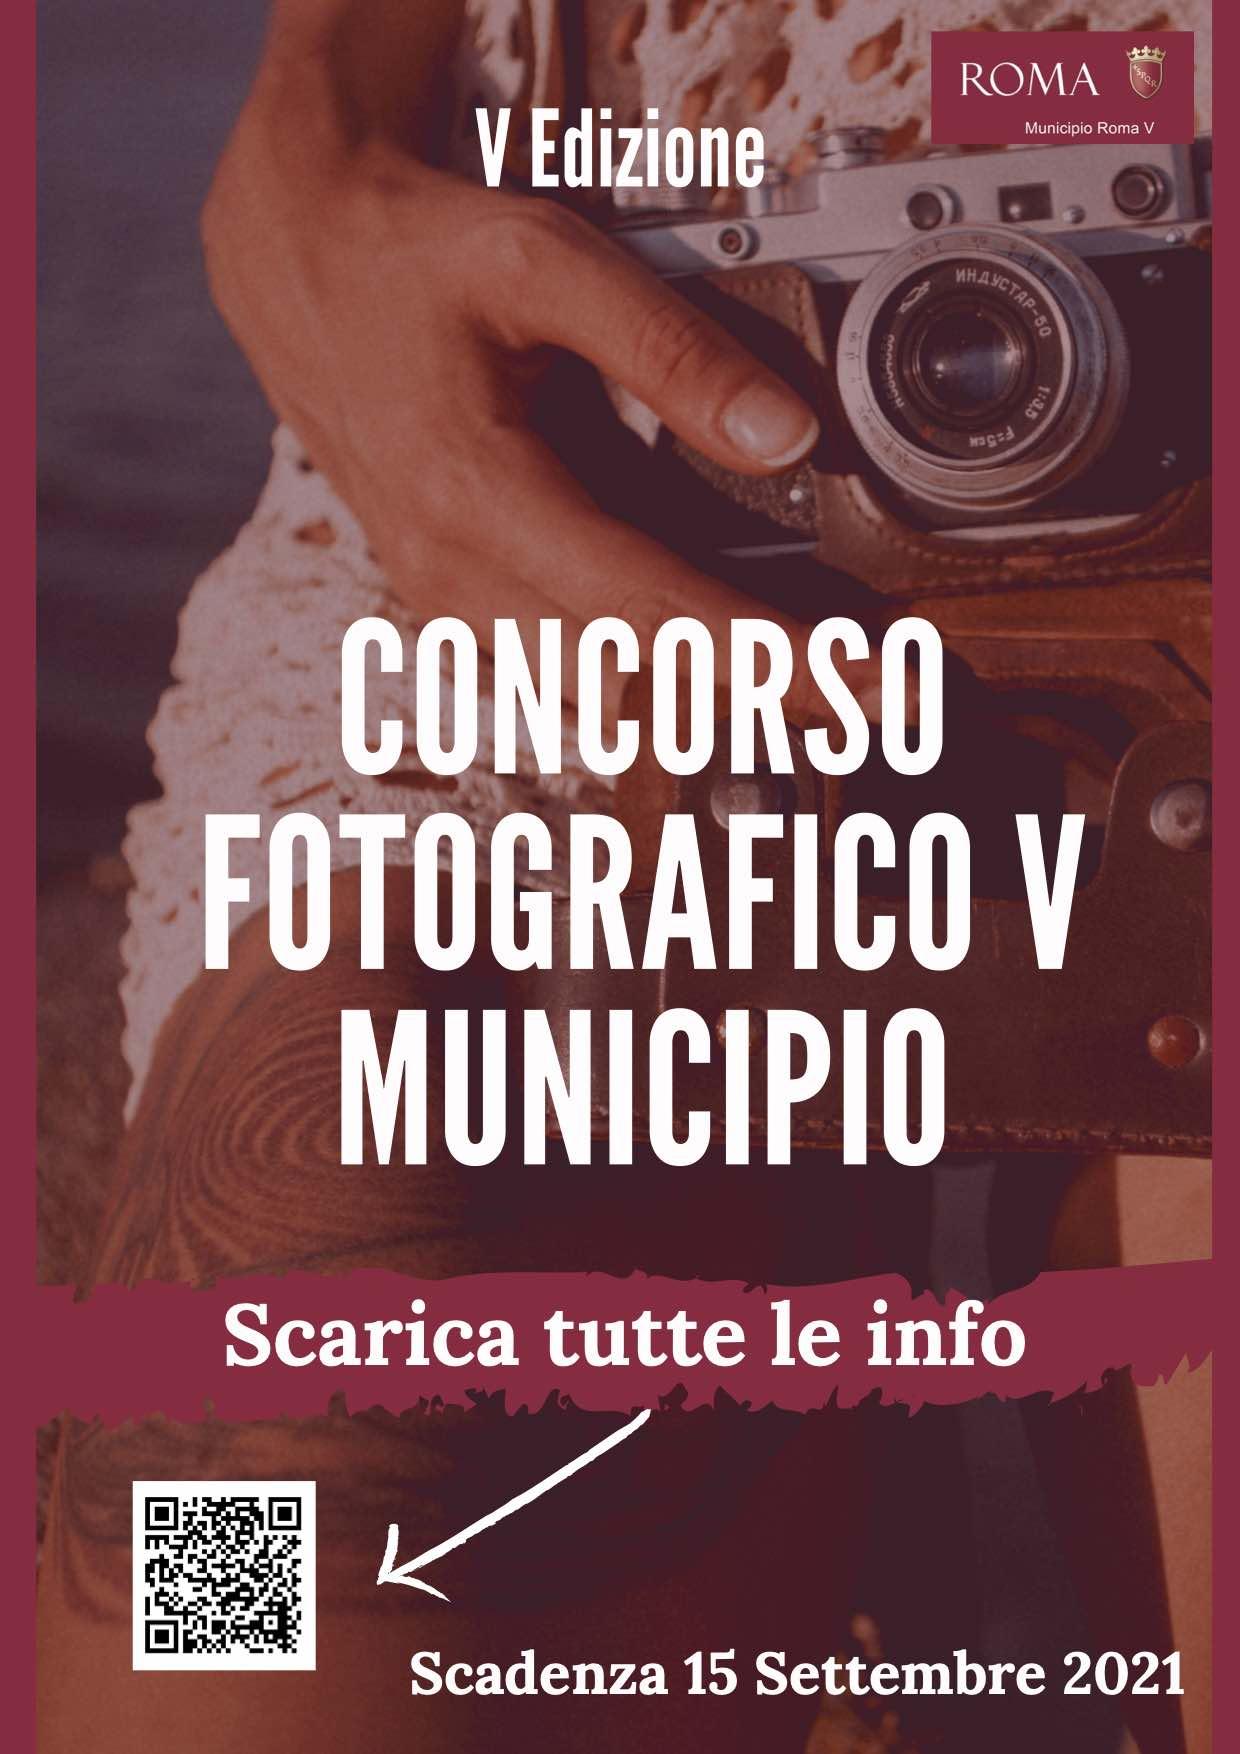 concorso-fotografico-municipio-mano